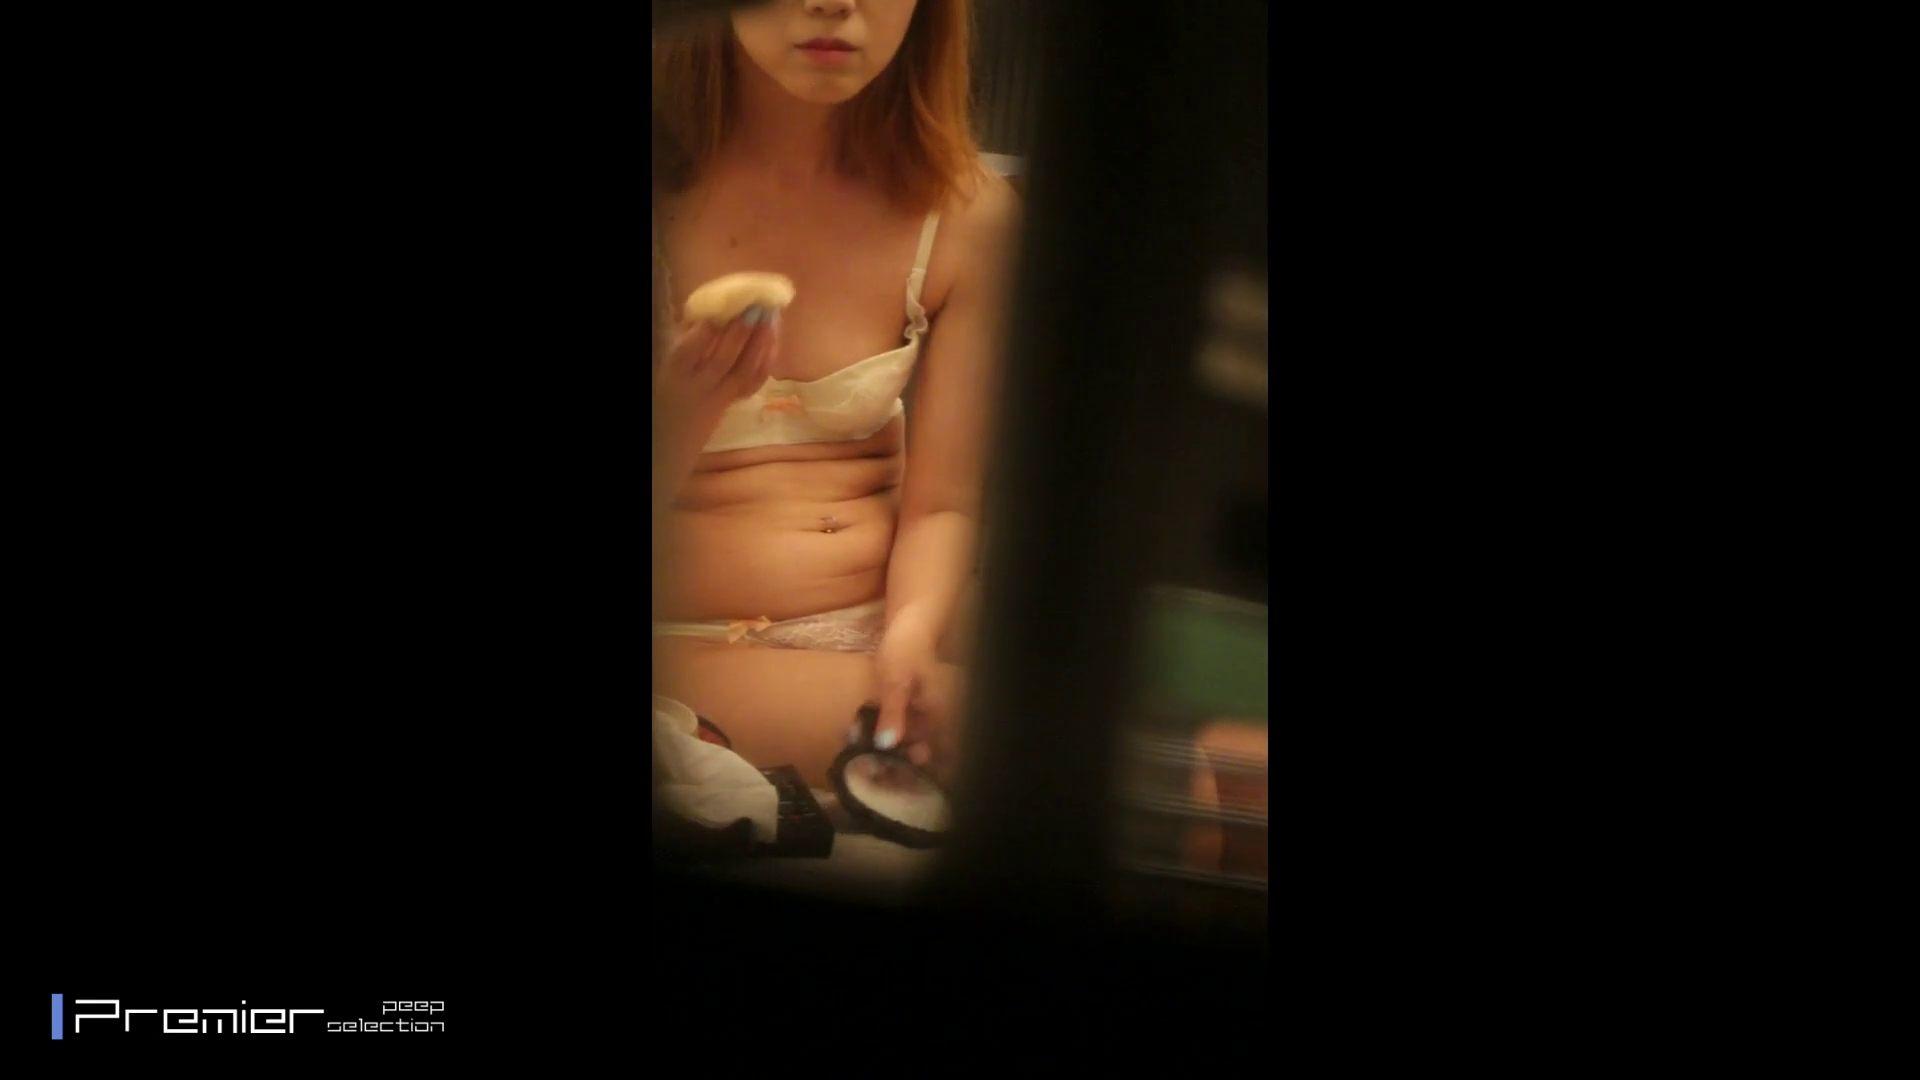 美女達の私生活に潜入!OL 達の私生活を覗き見 美乳   丸見えマンコ  105画像 10